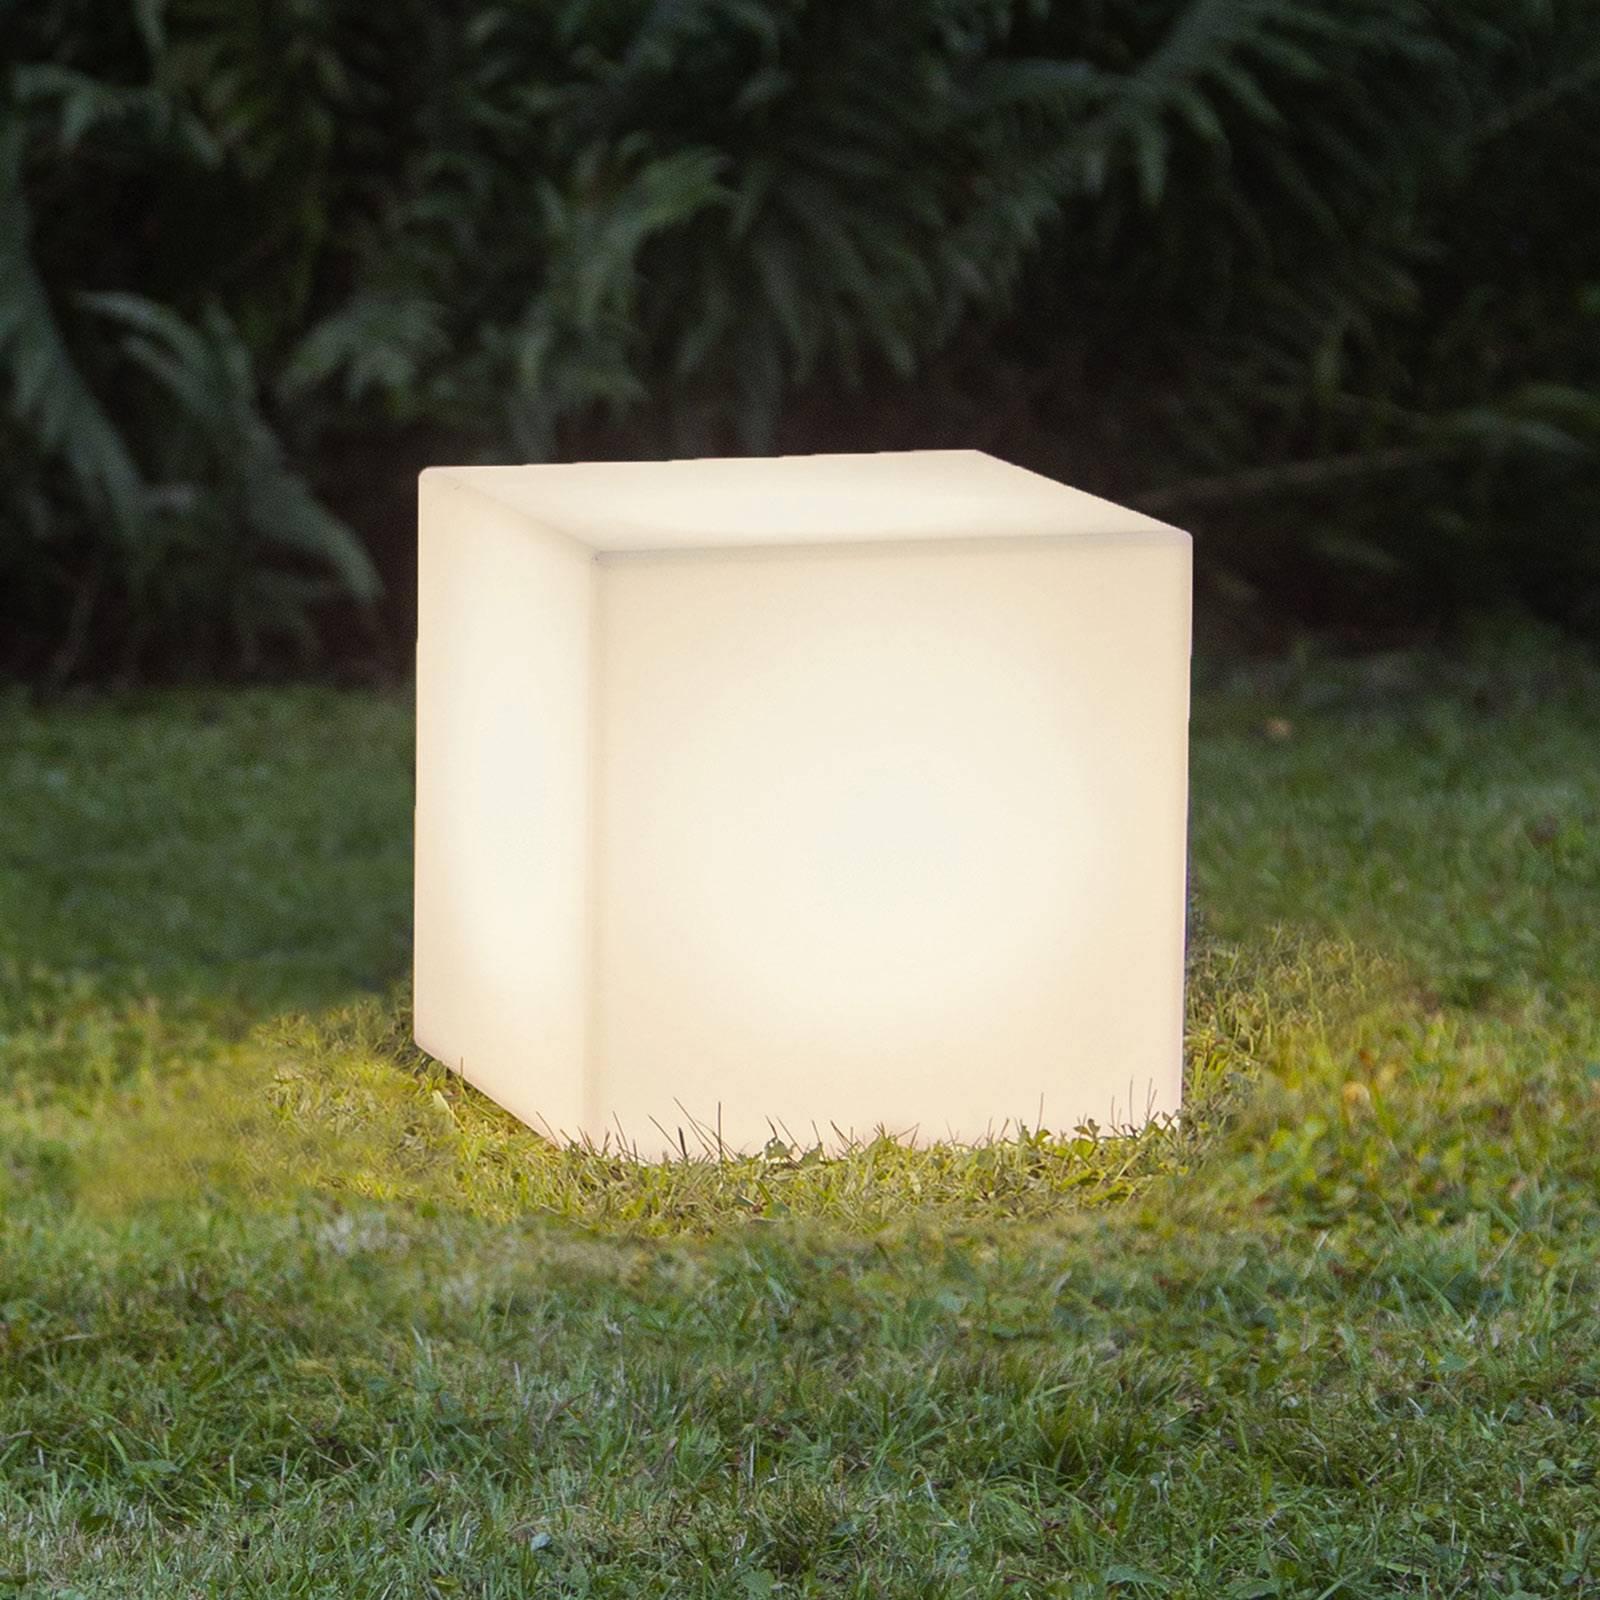 Terassivalaisin Gardenlight, kuutio, 30 cm